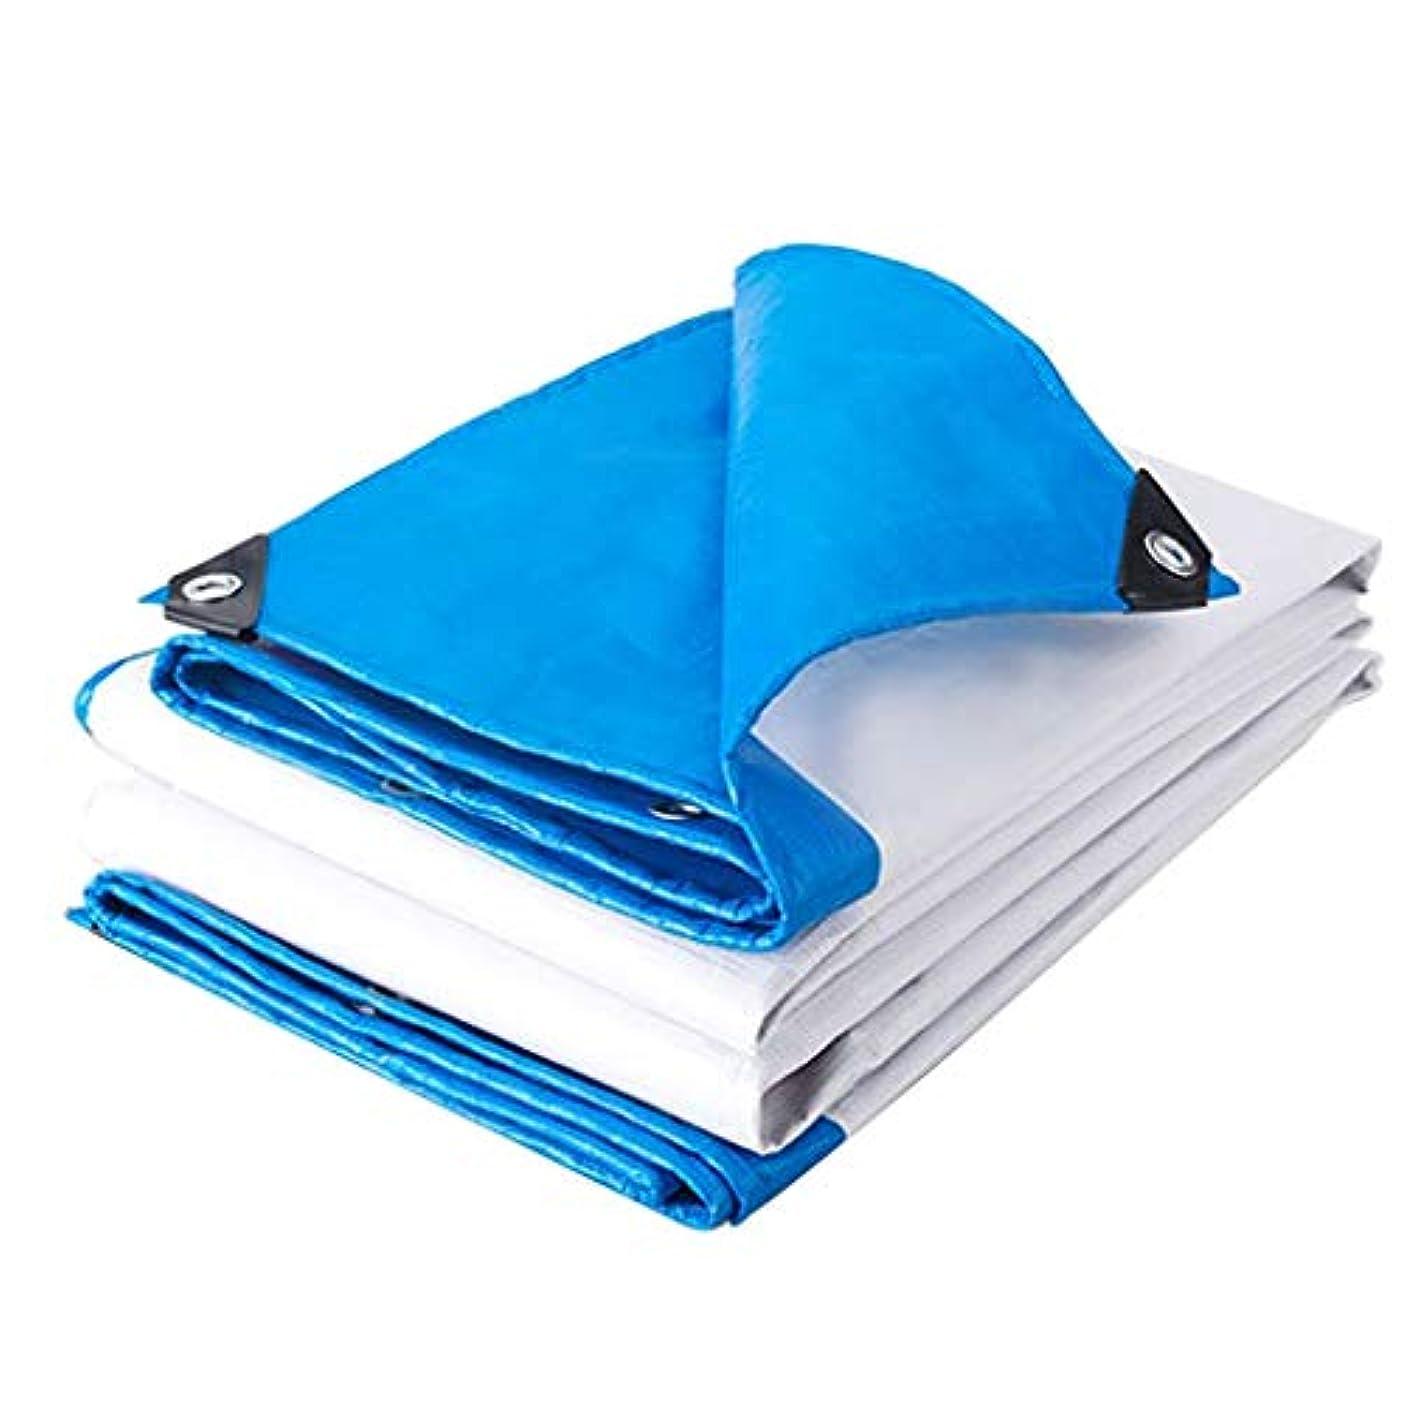 誰のペストリー抑圧者タープ 風雨を防ぐキャンプ用防水シート、ポリプロピレン製防水シート、酸化防止、軽量 テント (Color : Blue and White, Size : 8m×10m)